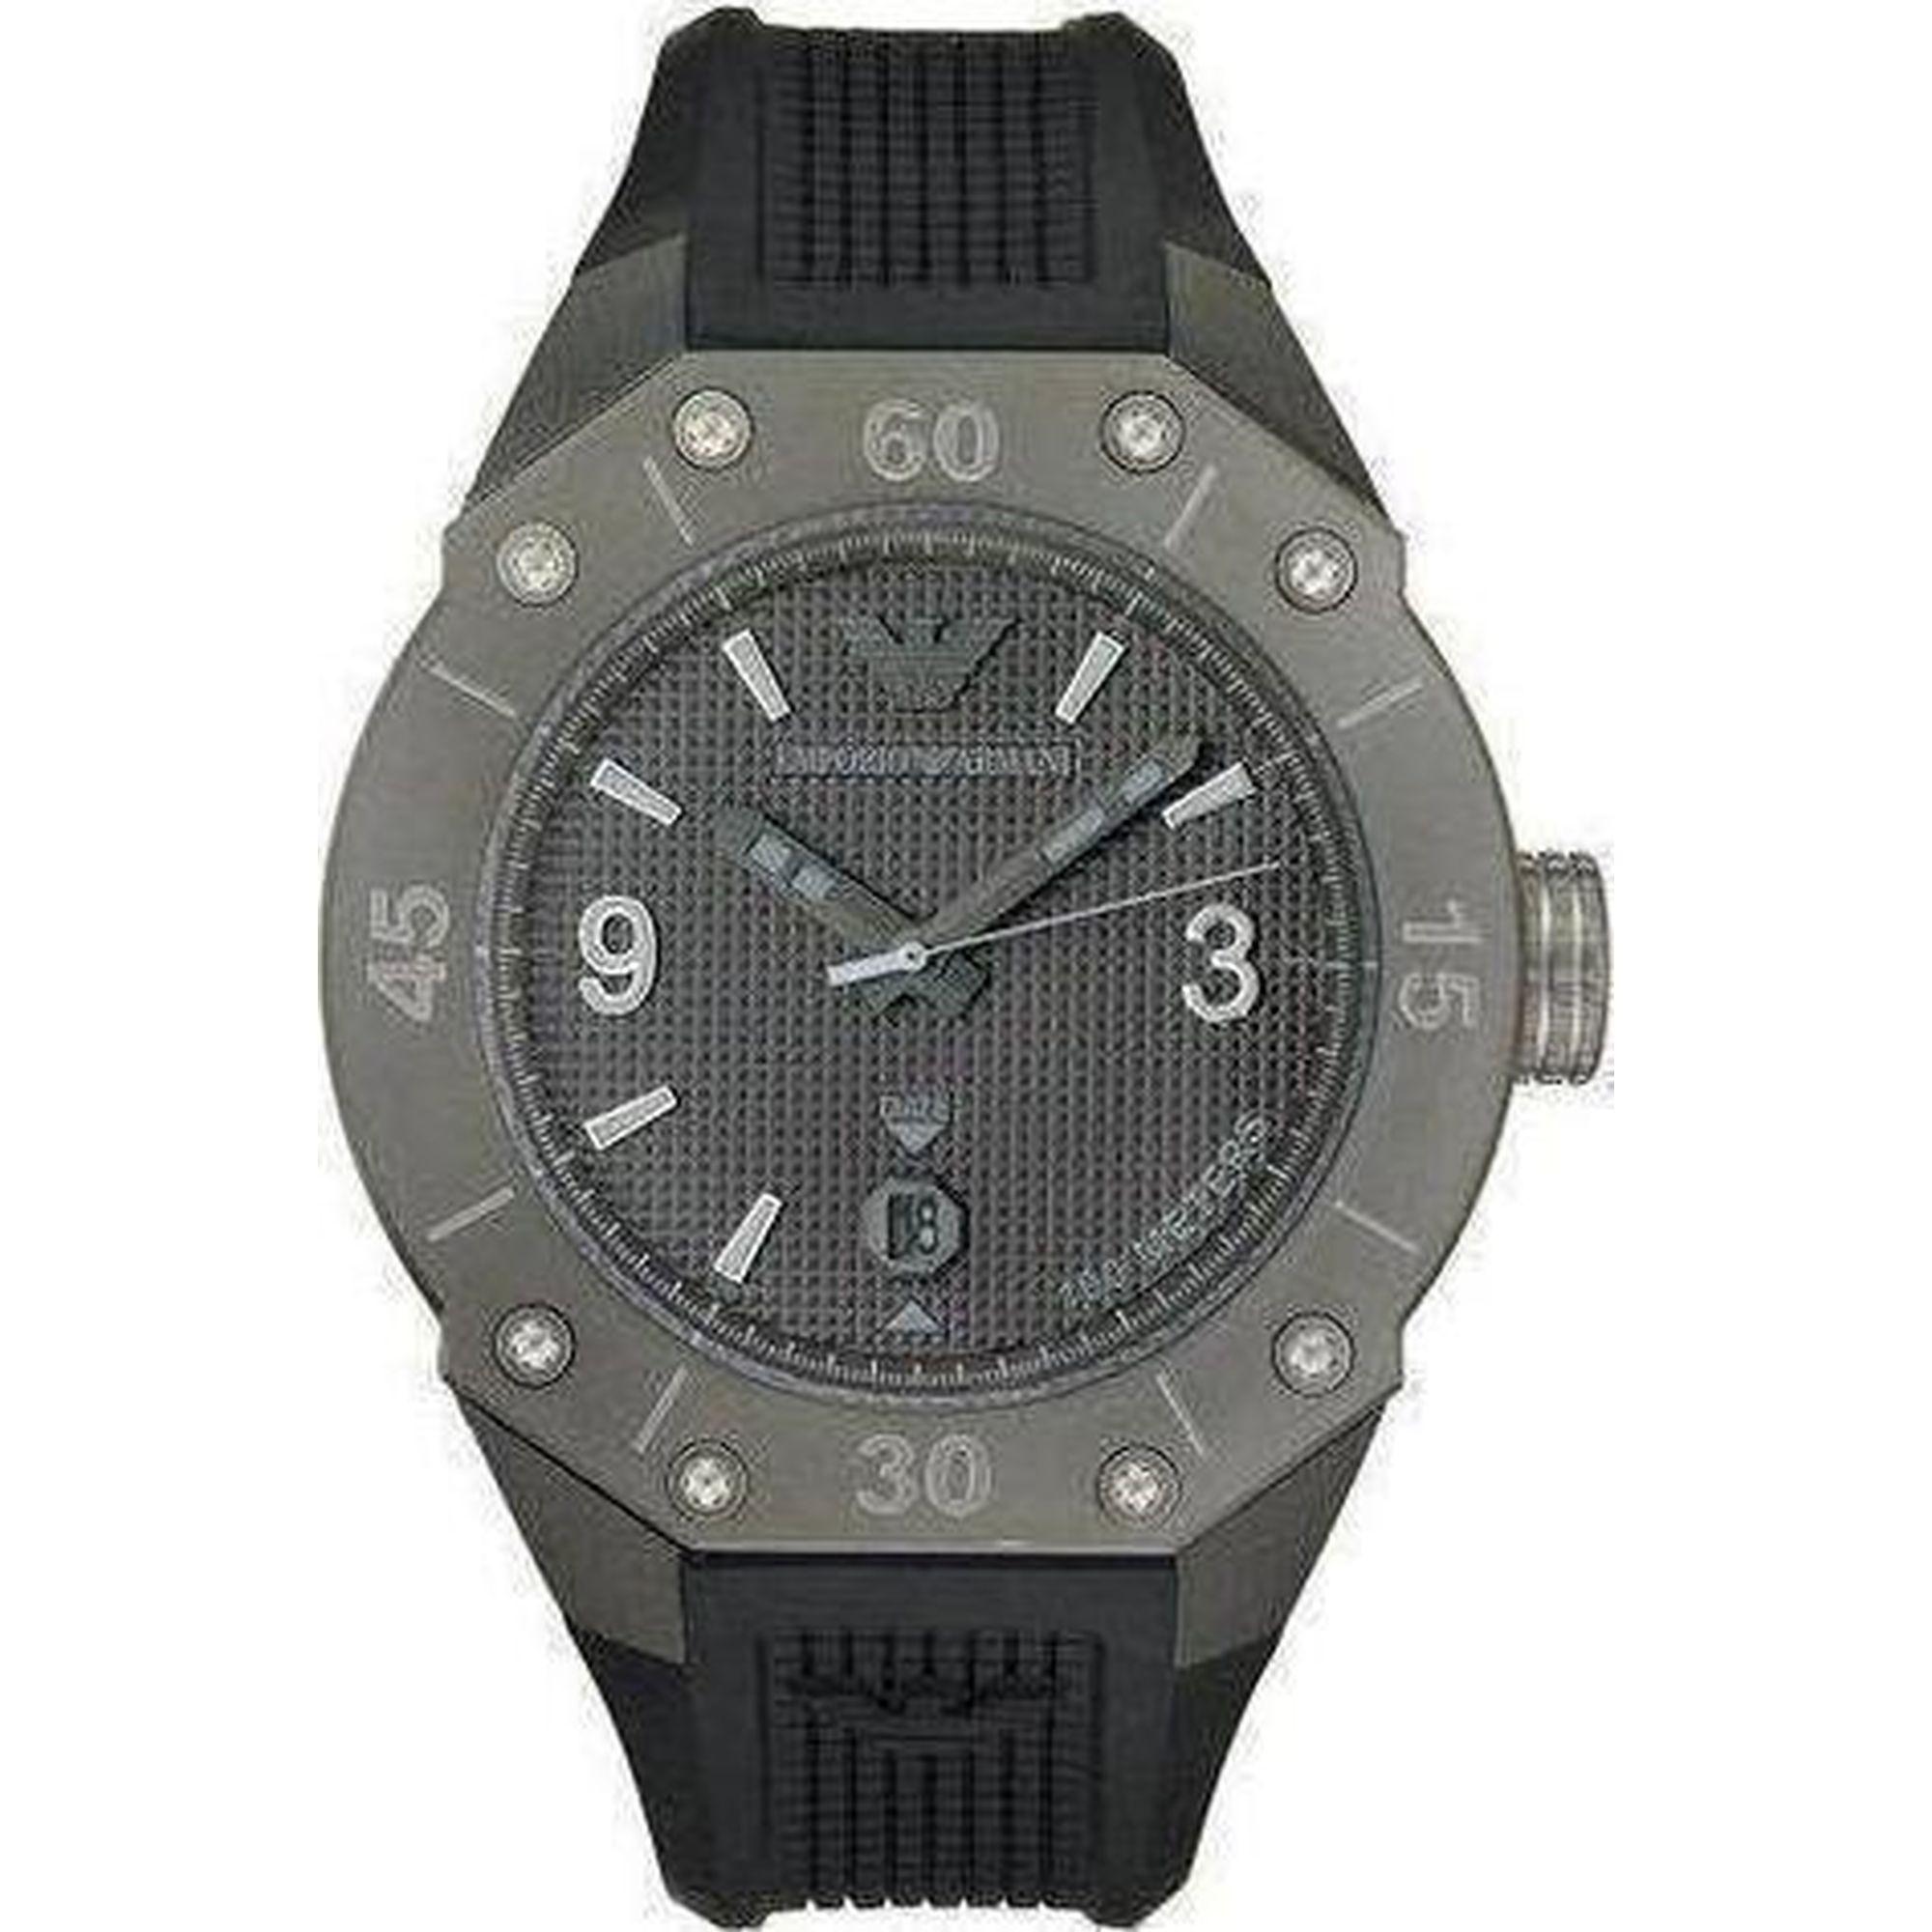 ρολόι, ρολόγια, Emporio Armani, Ανδρικό ρολόι, Δωρεάν μεταφορικά